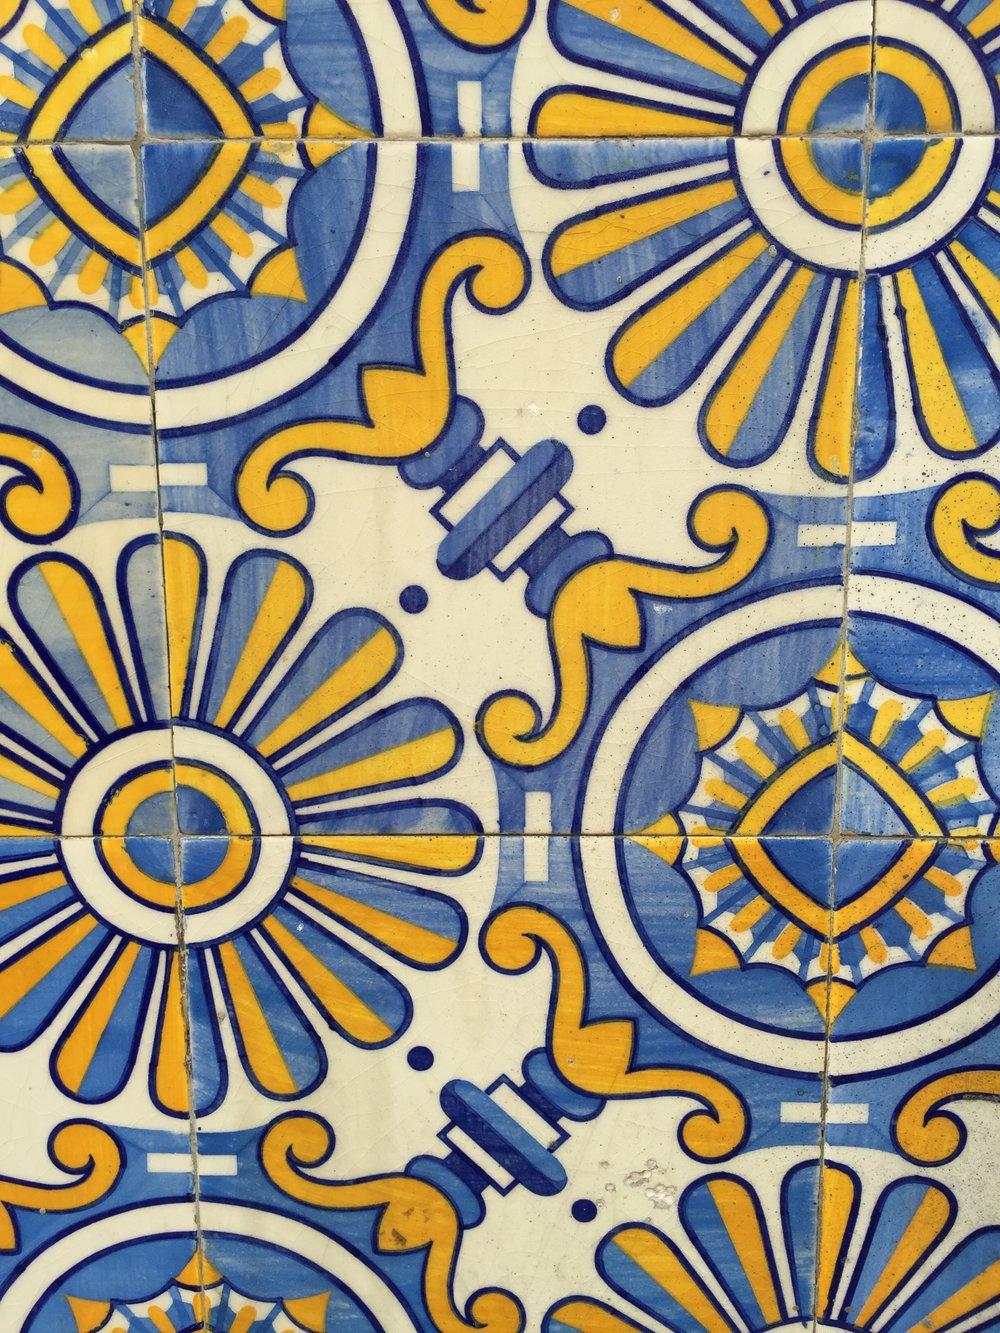 Azulejos Tiles in Porto Portugal